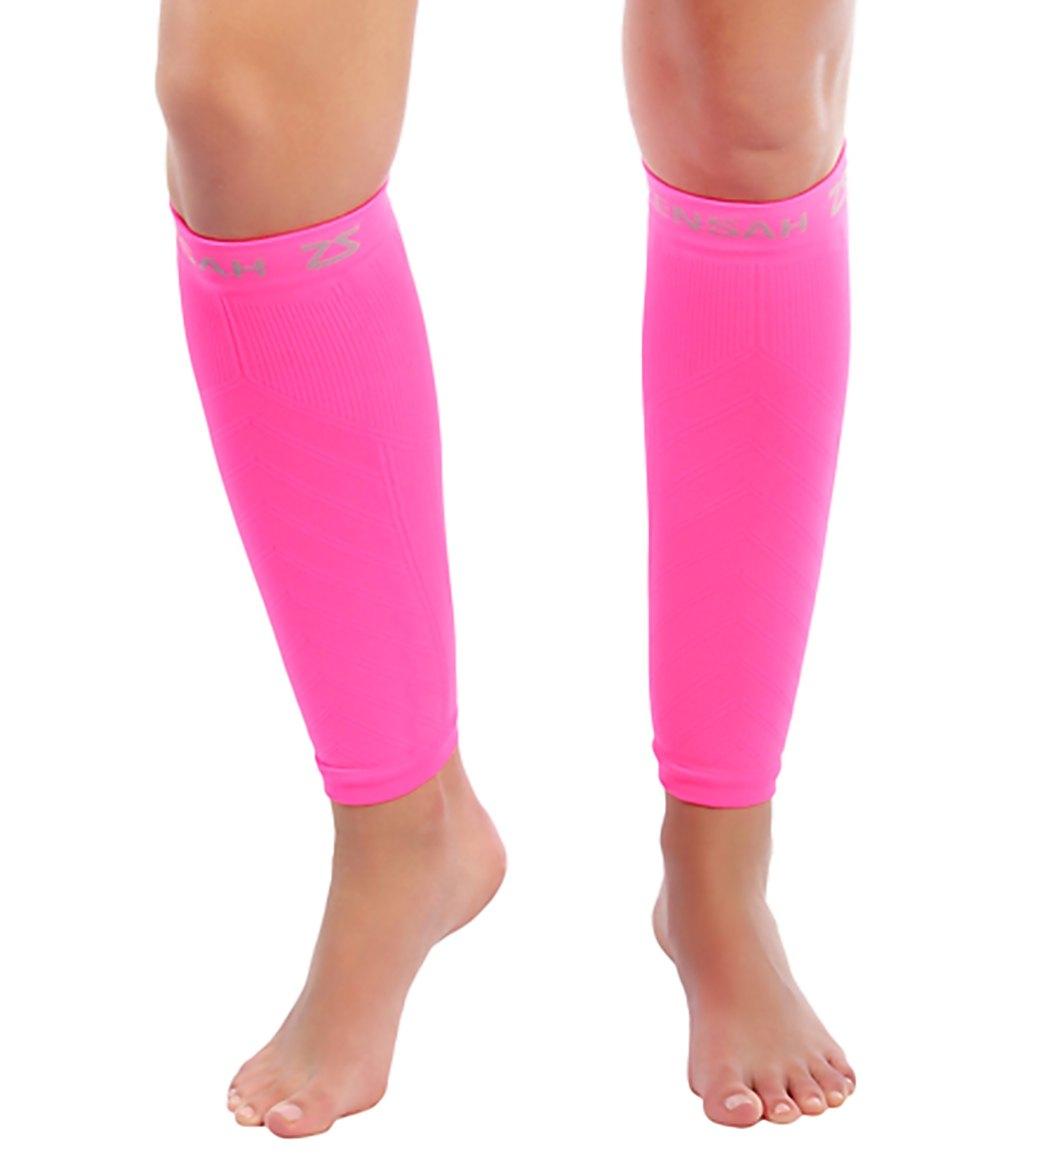 fb6ee342b4828f Zensah Compression Leg Sleeves (Pair) at SwimOutlet.com